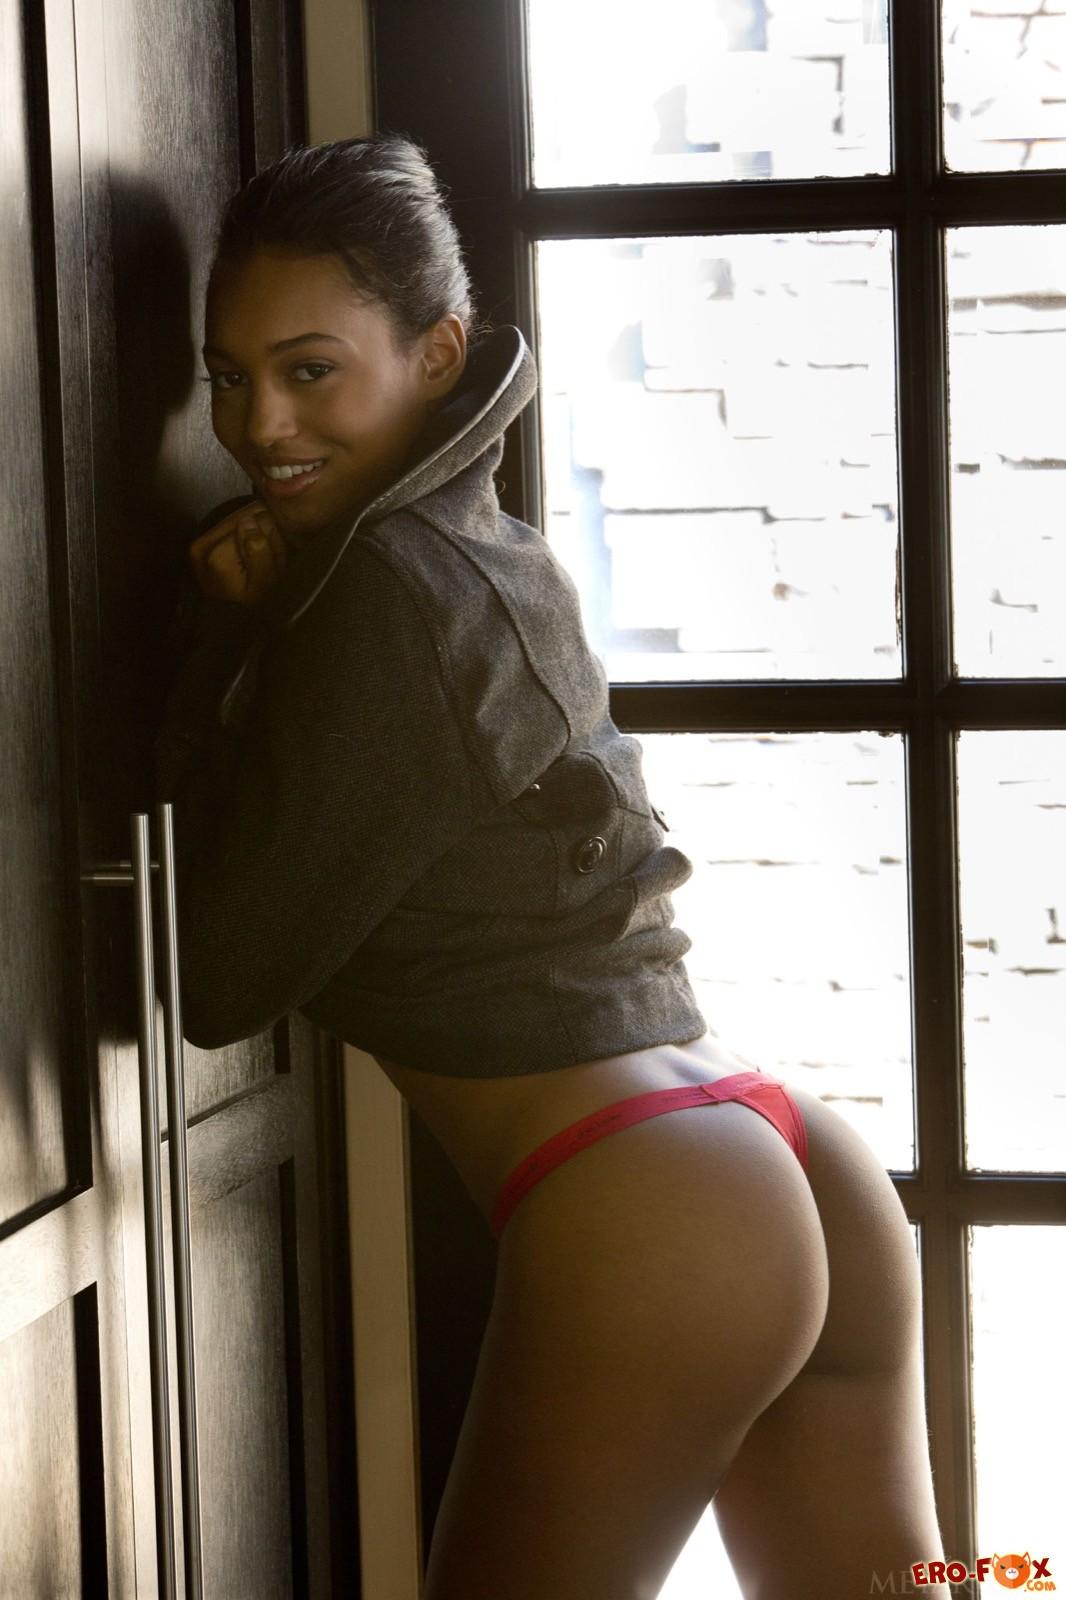 Сексуальная чернокожая модель снимает нижнее бельё